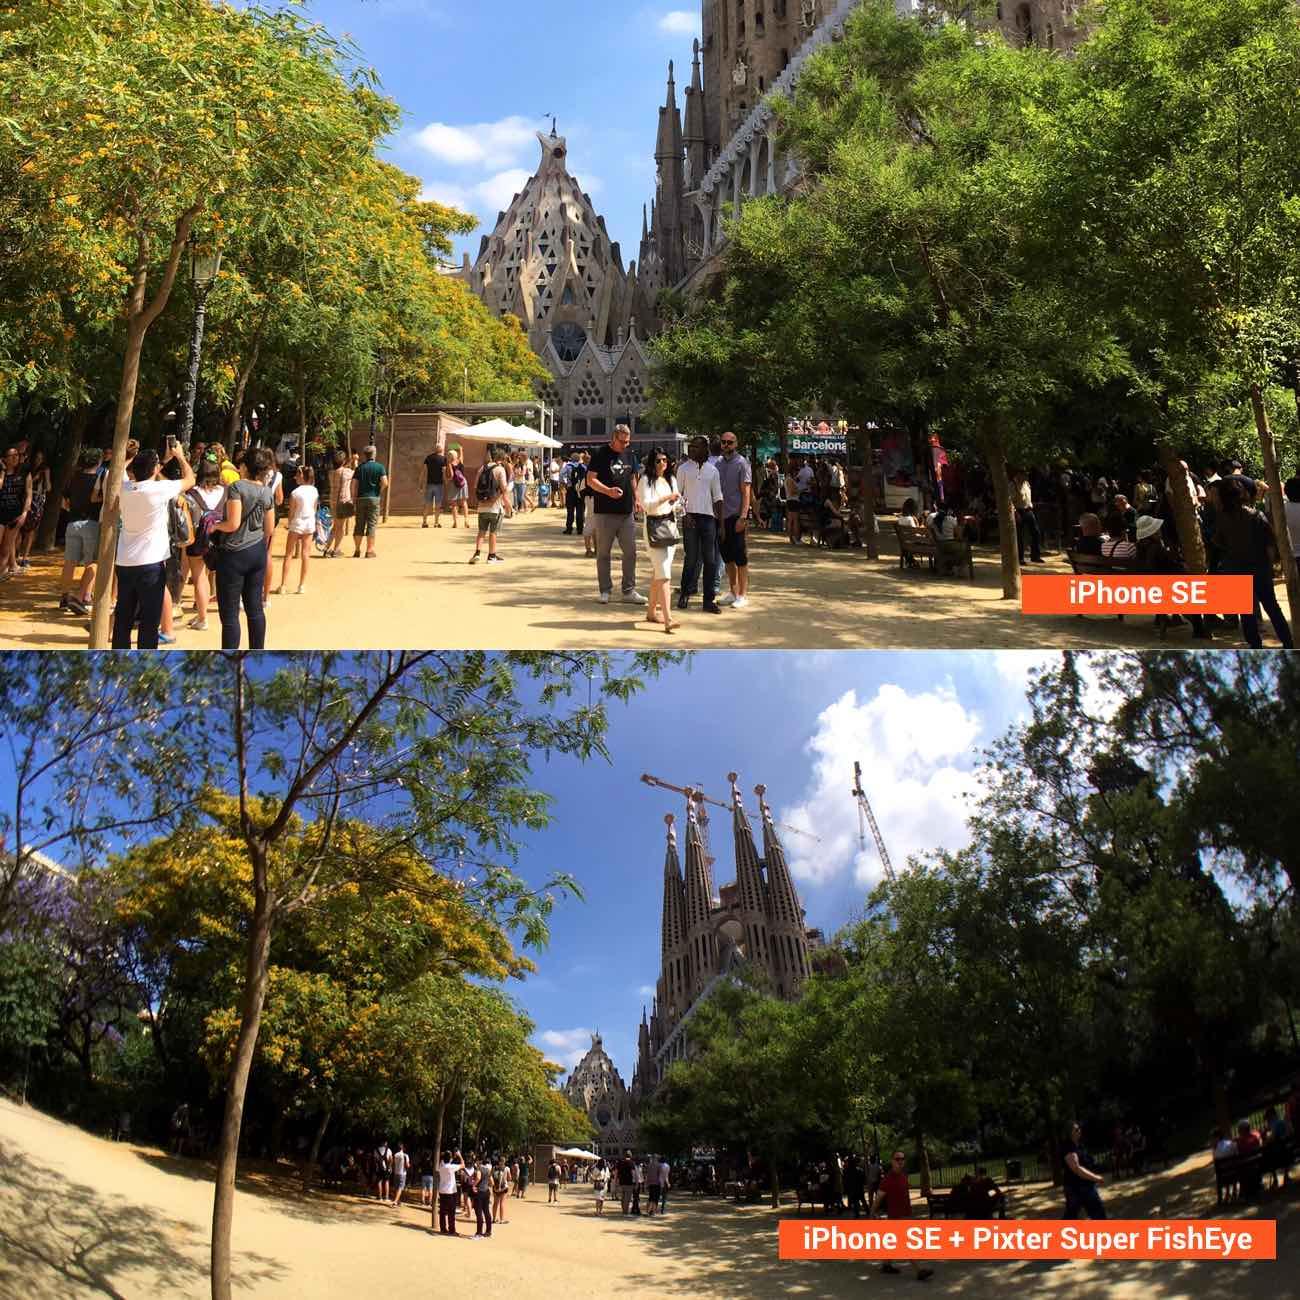 attachable smartphone camera fisheye lens comparison normal photo